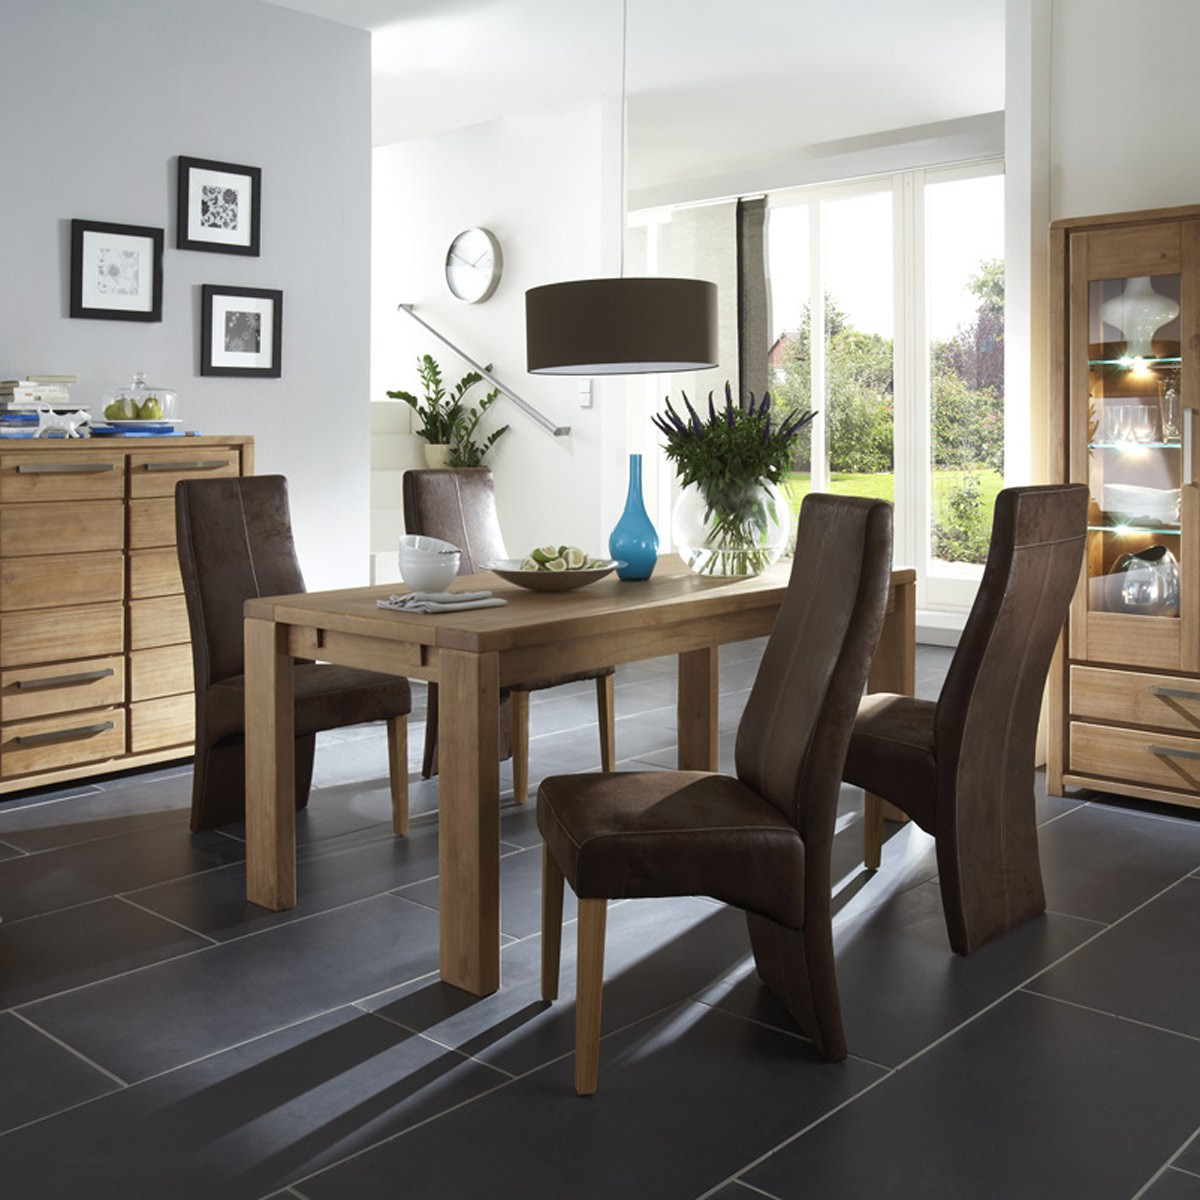 essgruppe sitzgruppe esszimmer esstisch pinie 4 st hle. Black Bedroom Furniture Sets. Home Design Ideas